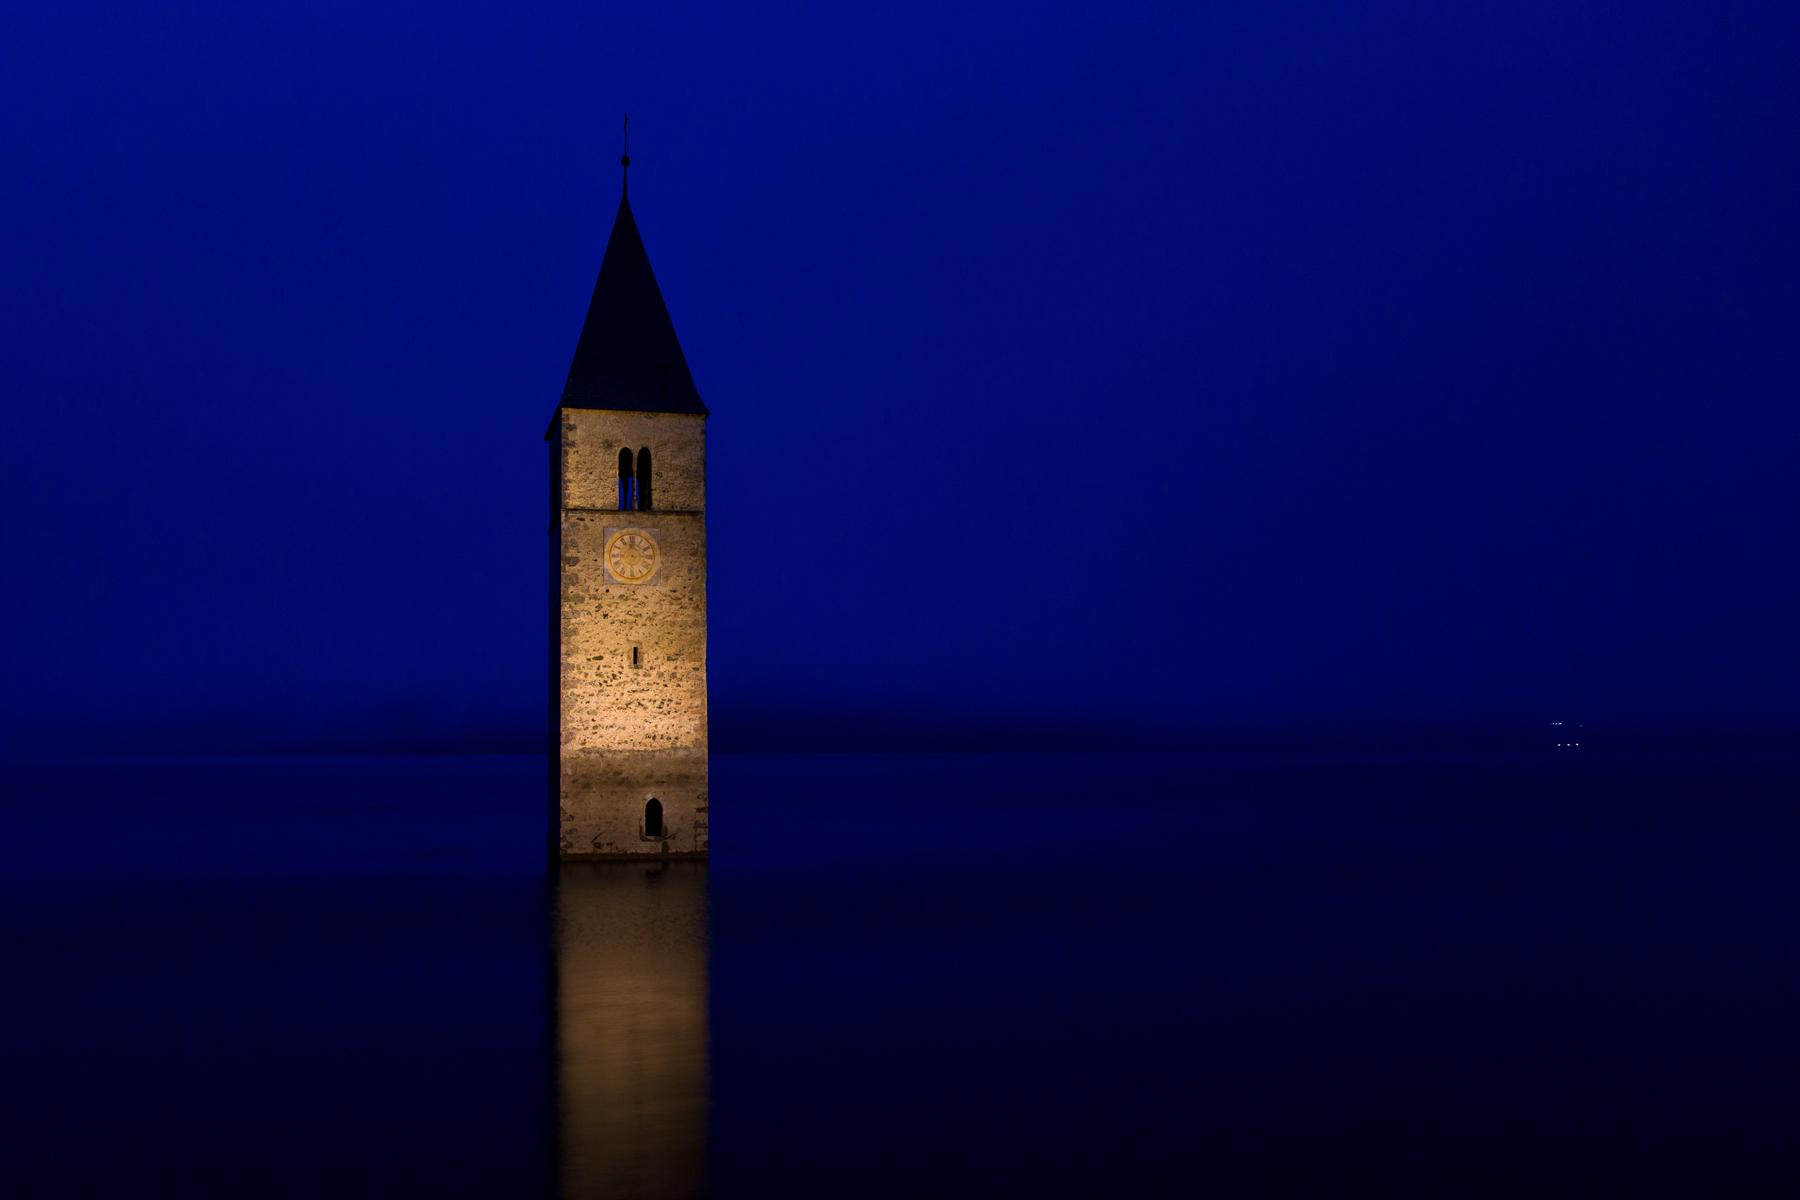 Reschensee mit Turm